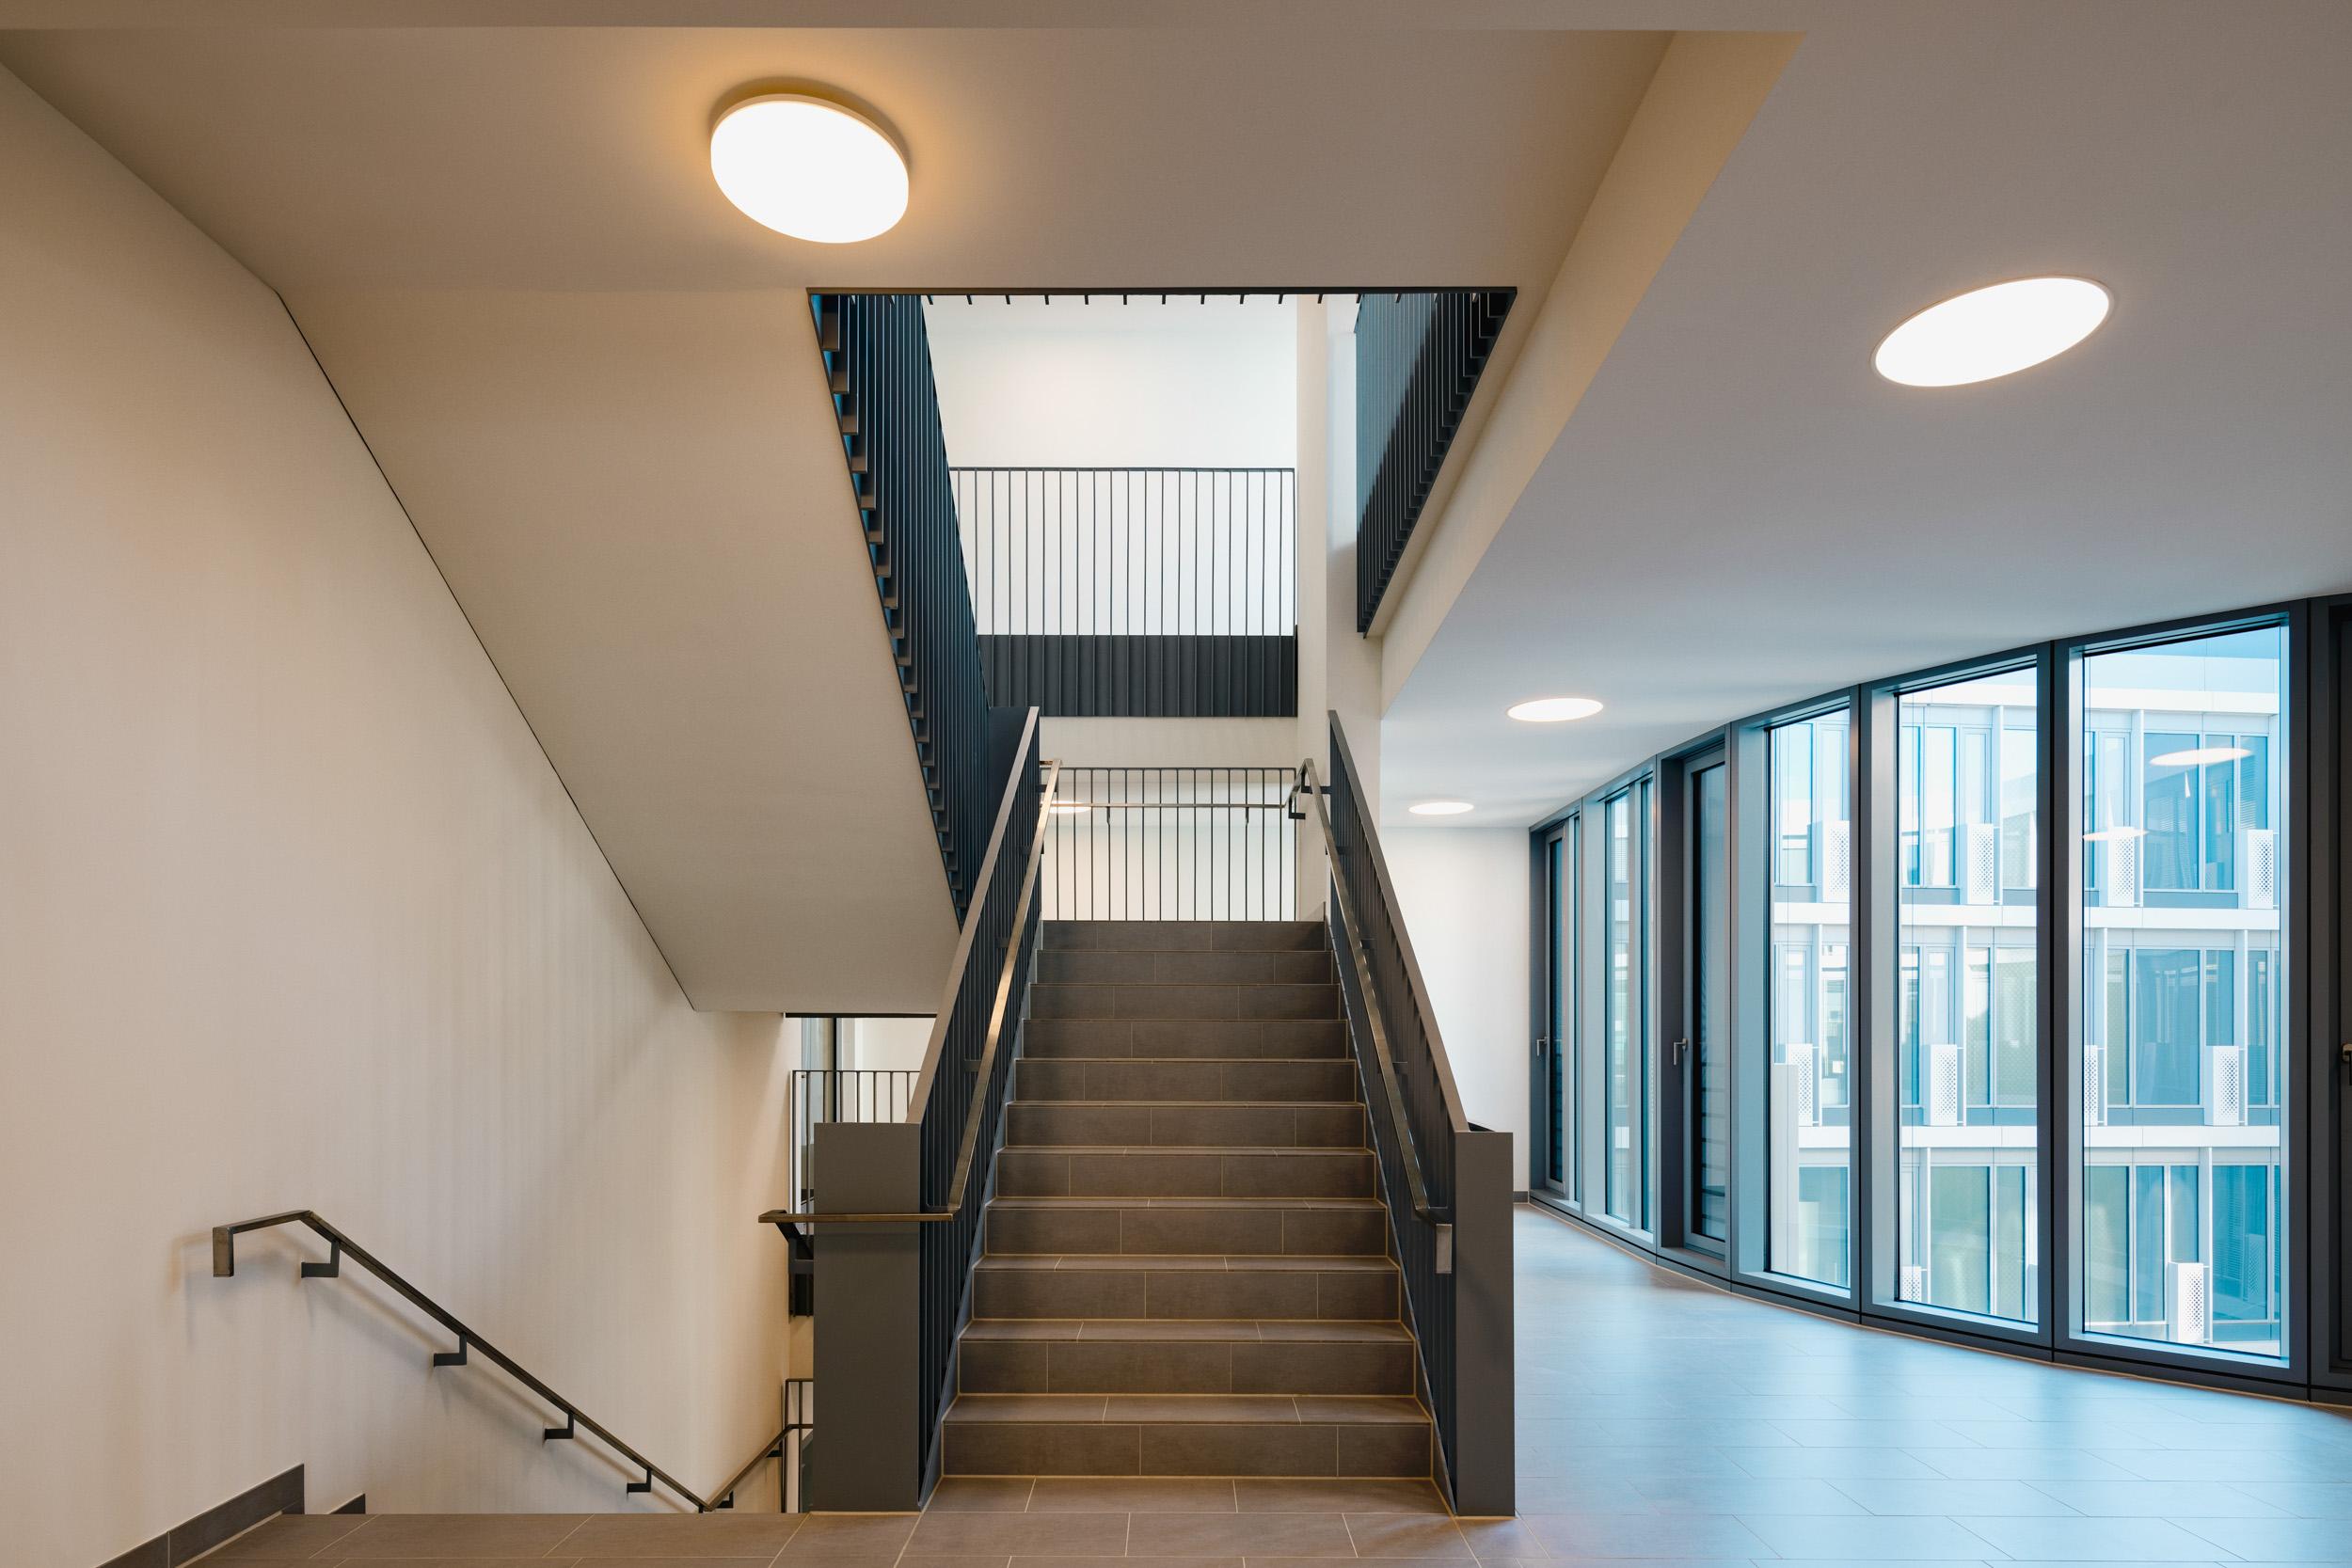 Gustav-Epple-Bauunternehmung-Infinity-Düsseldoef-Schwannstrasse-Architektur-Büro_MLX5559